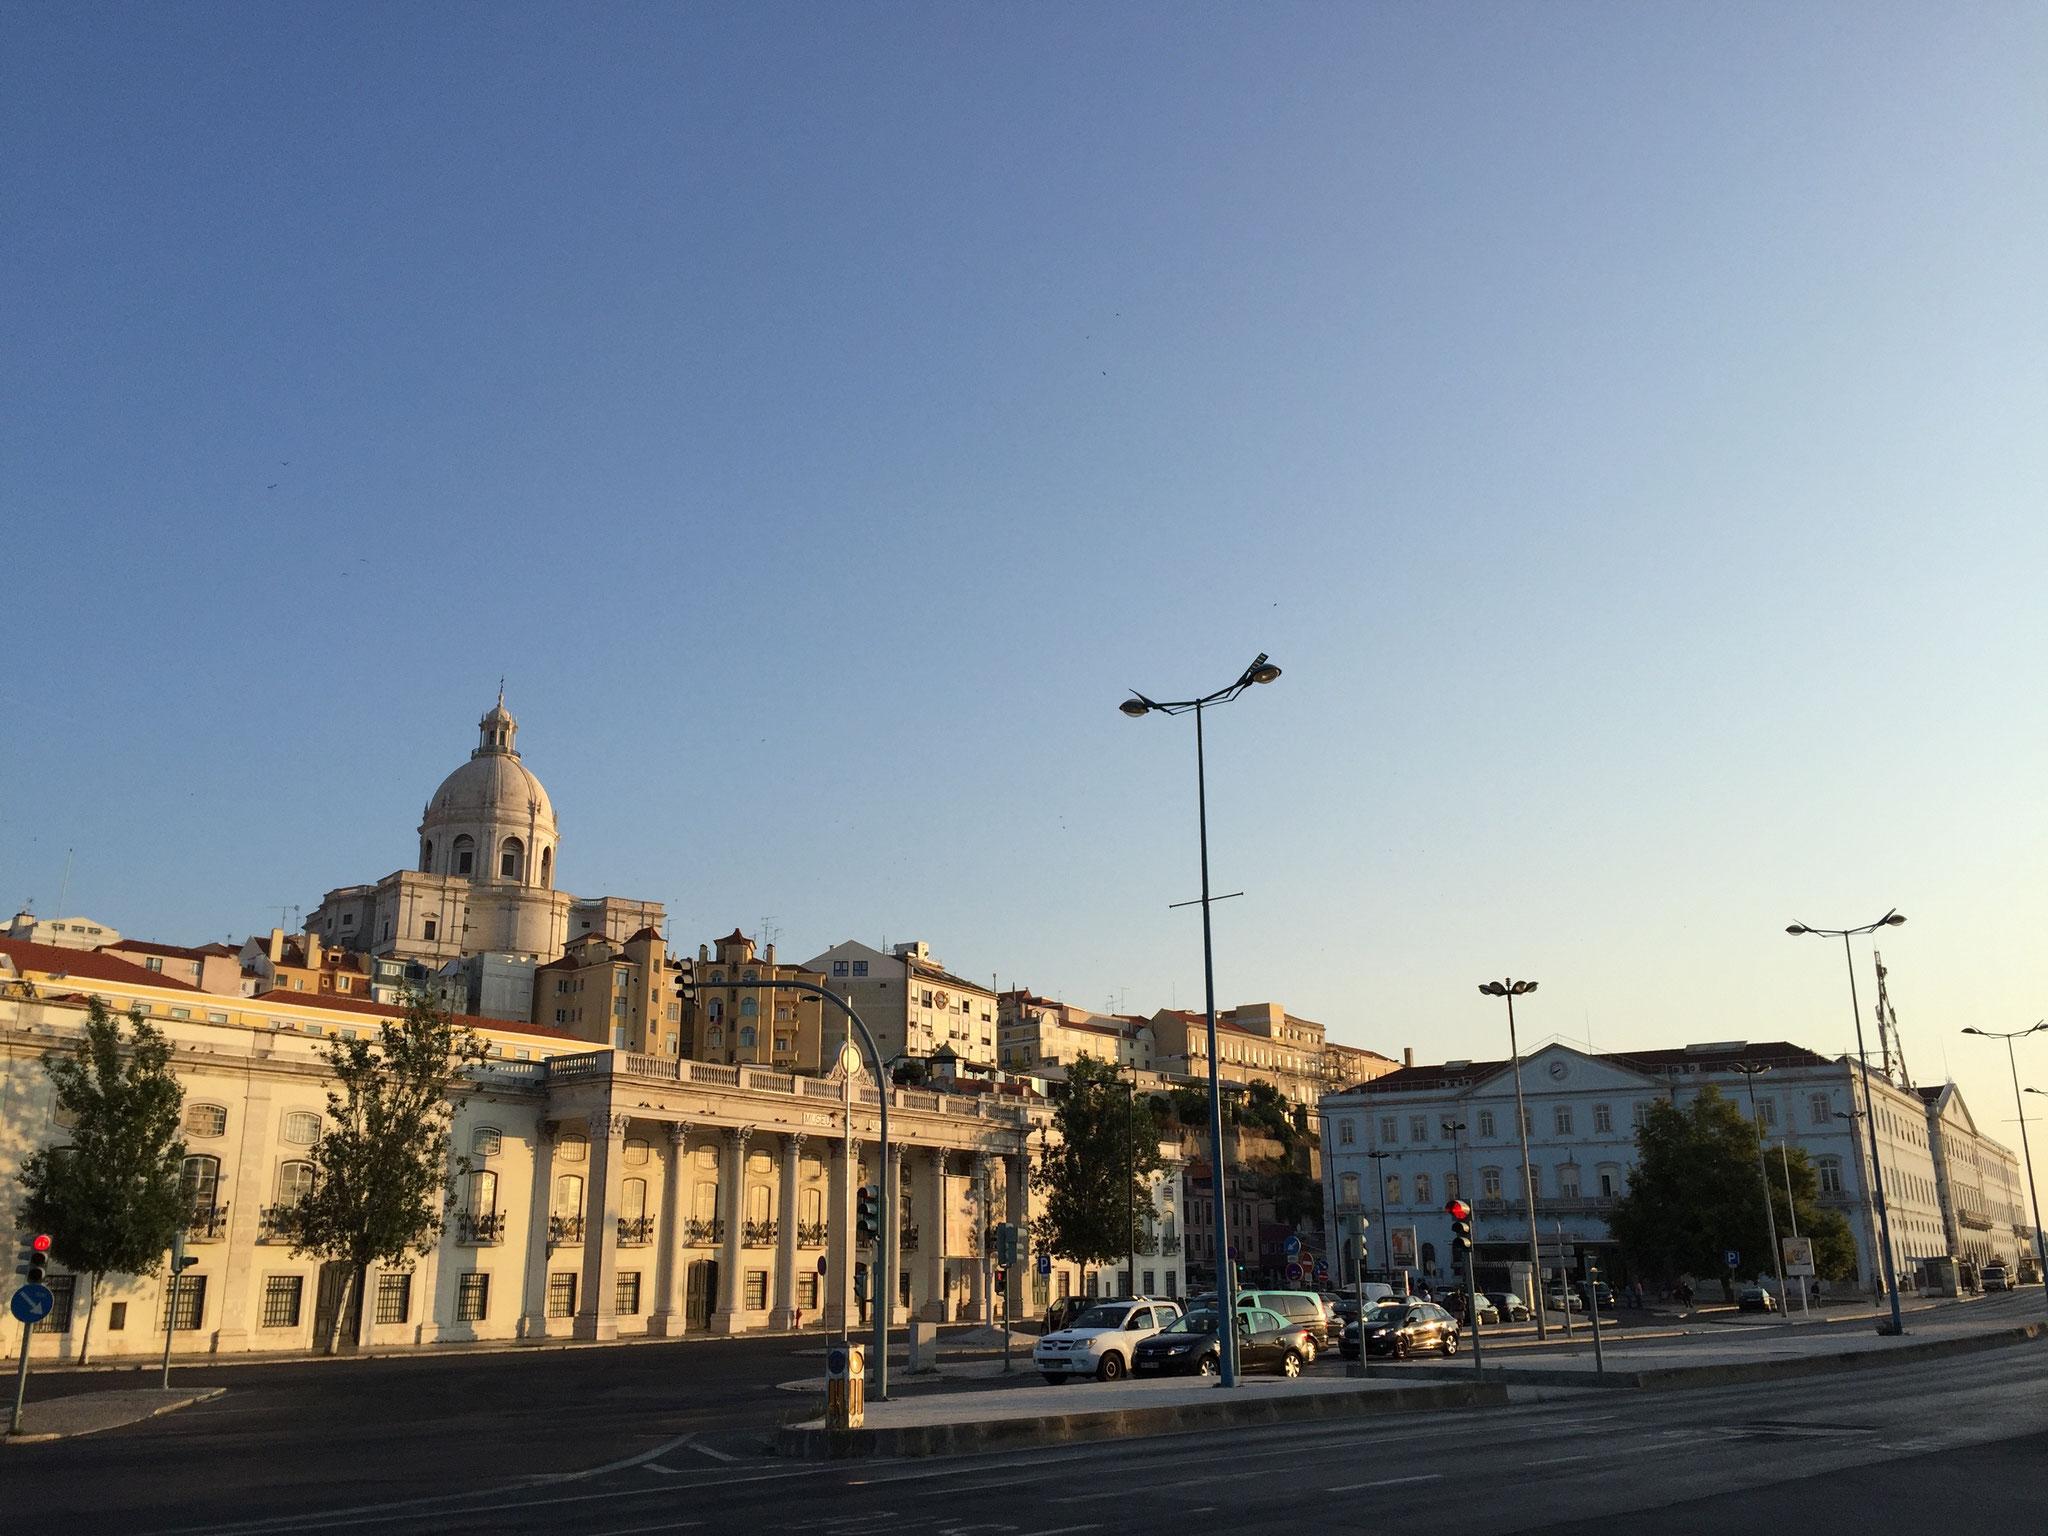 Der Tag beginnt wie gemalt in Lissabon